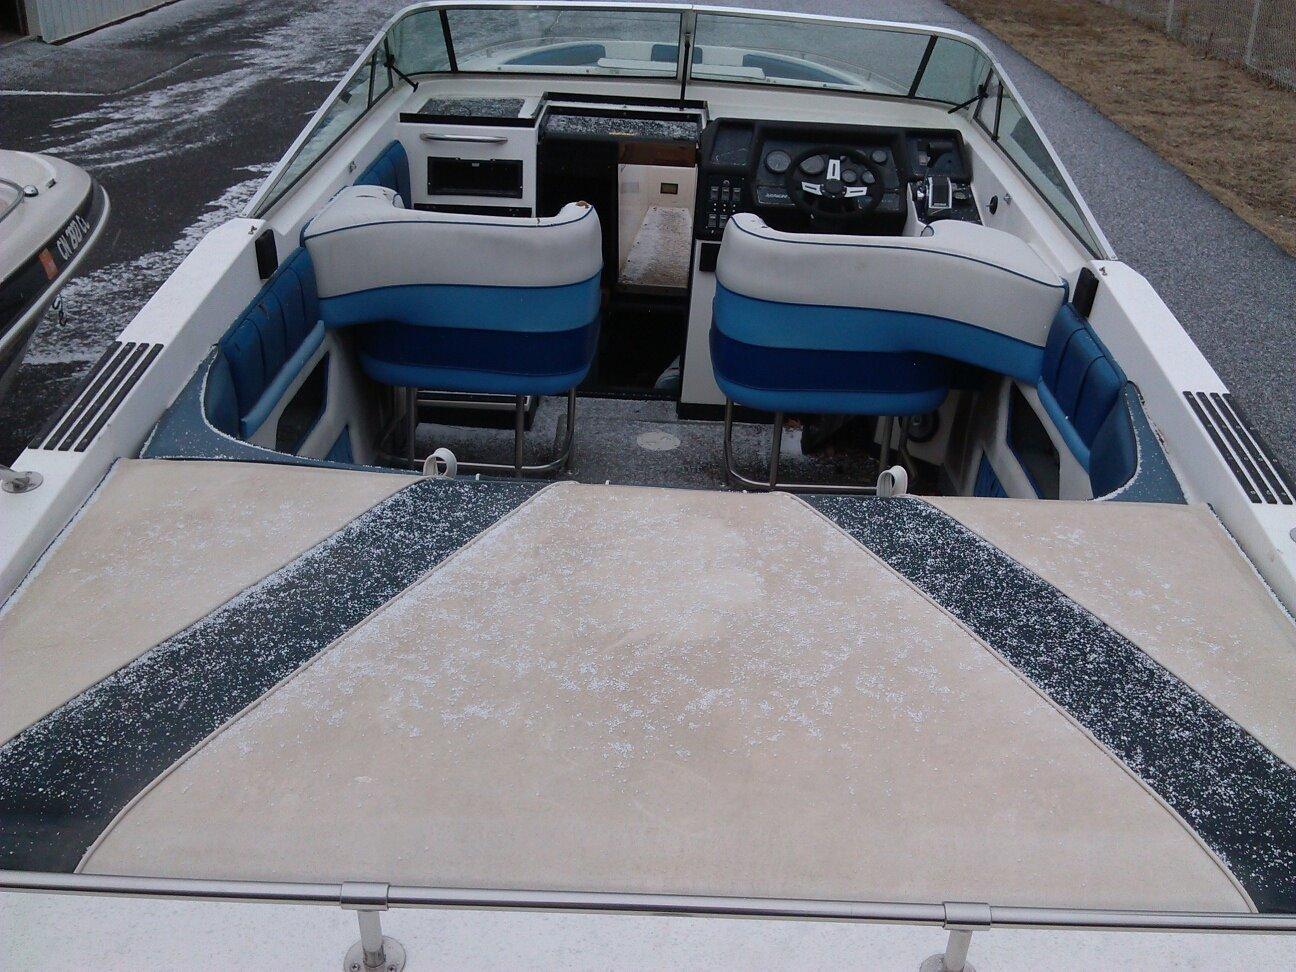 Boat Seat Repair Grandview Upholstery 816 965 9505 Grandview